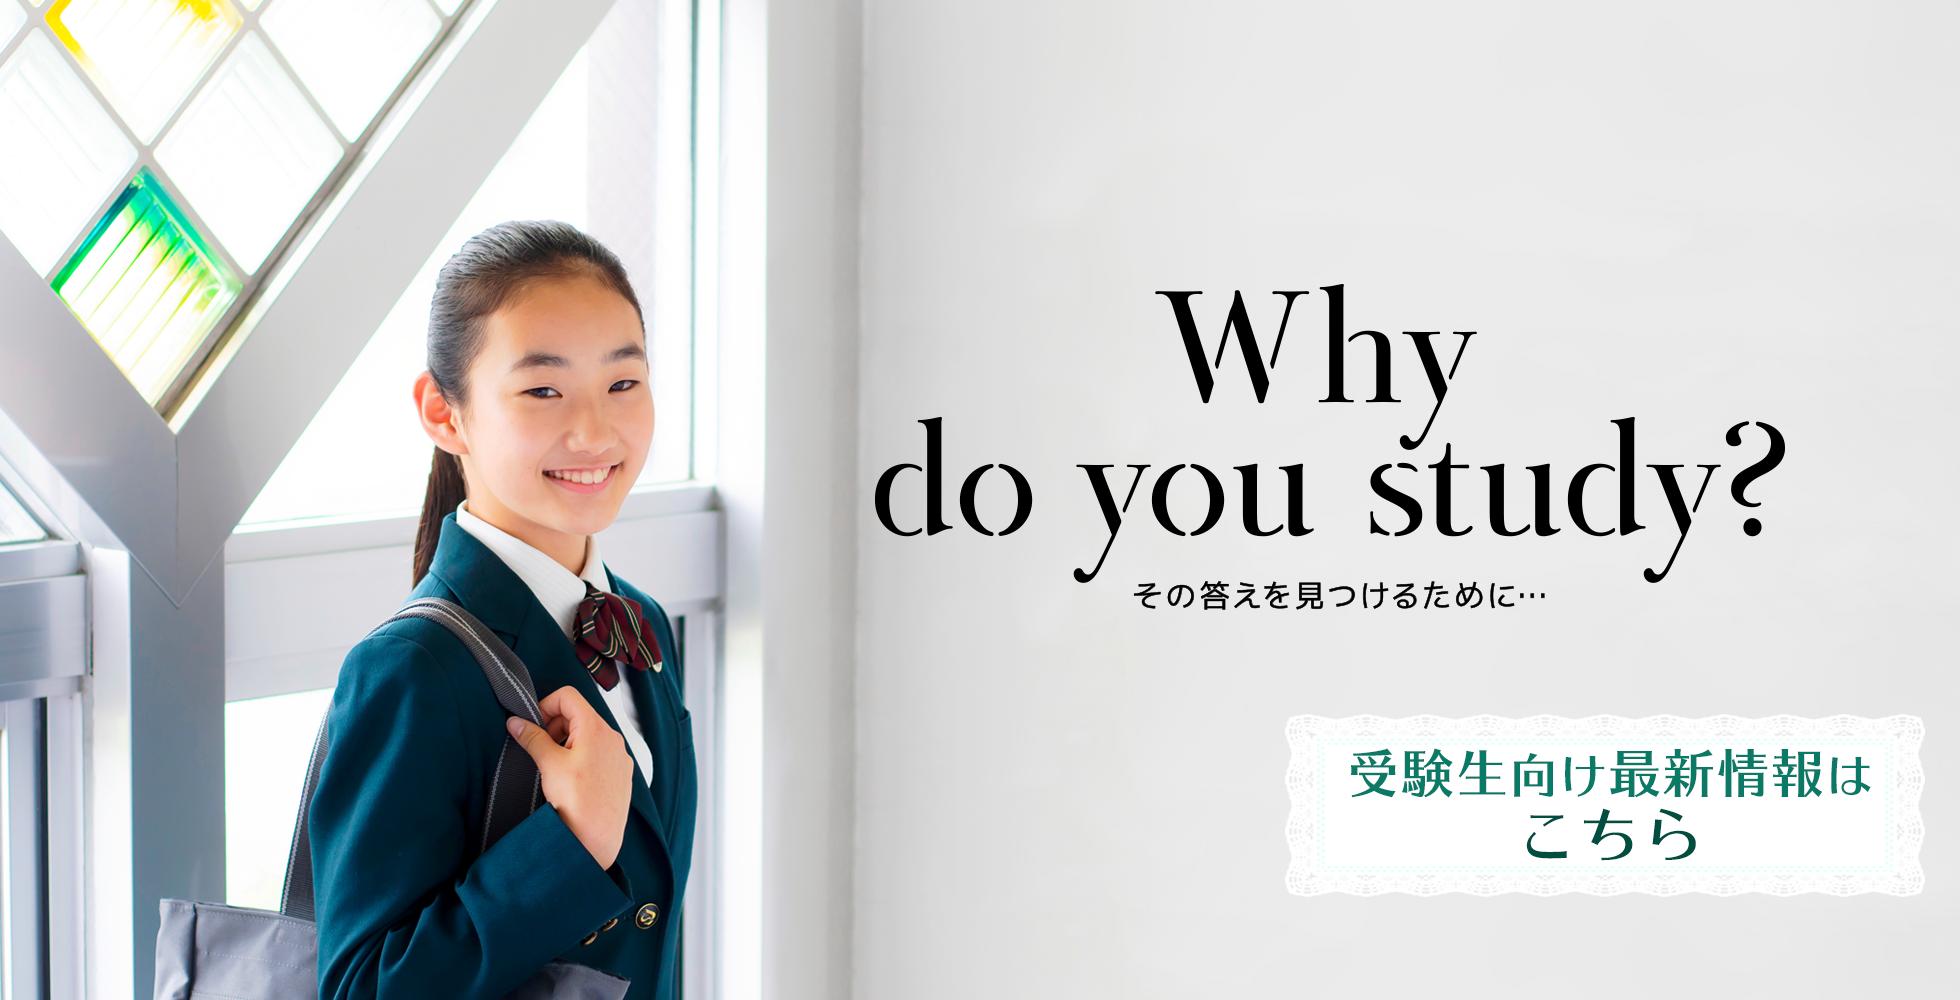 Why do you study? その答えを見つけるために…